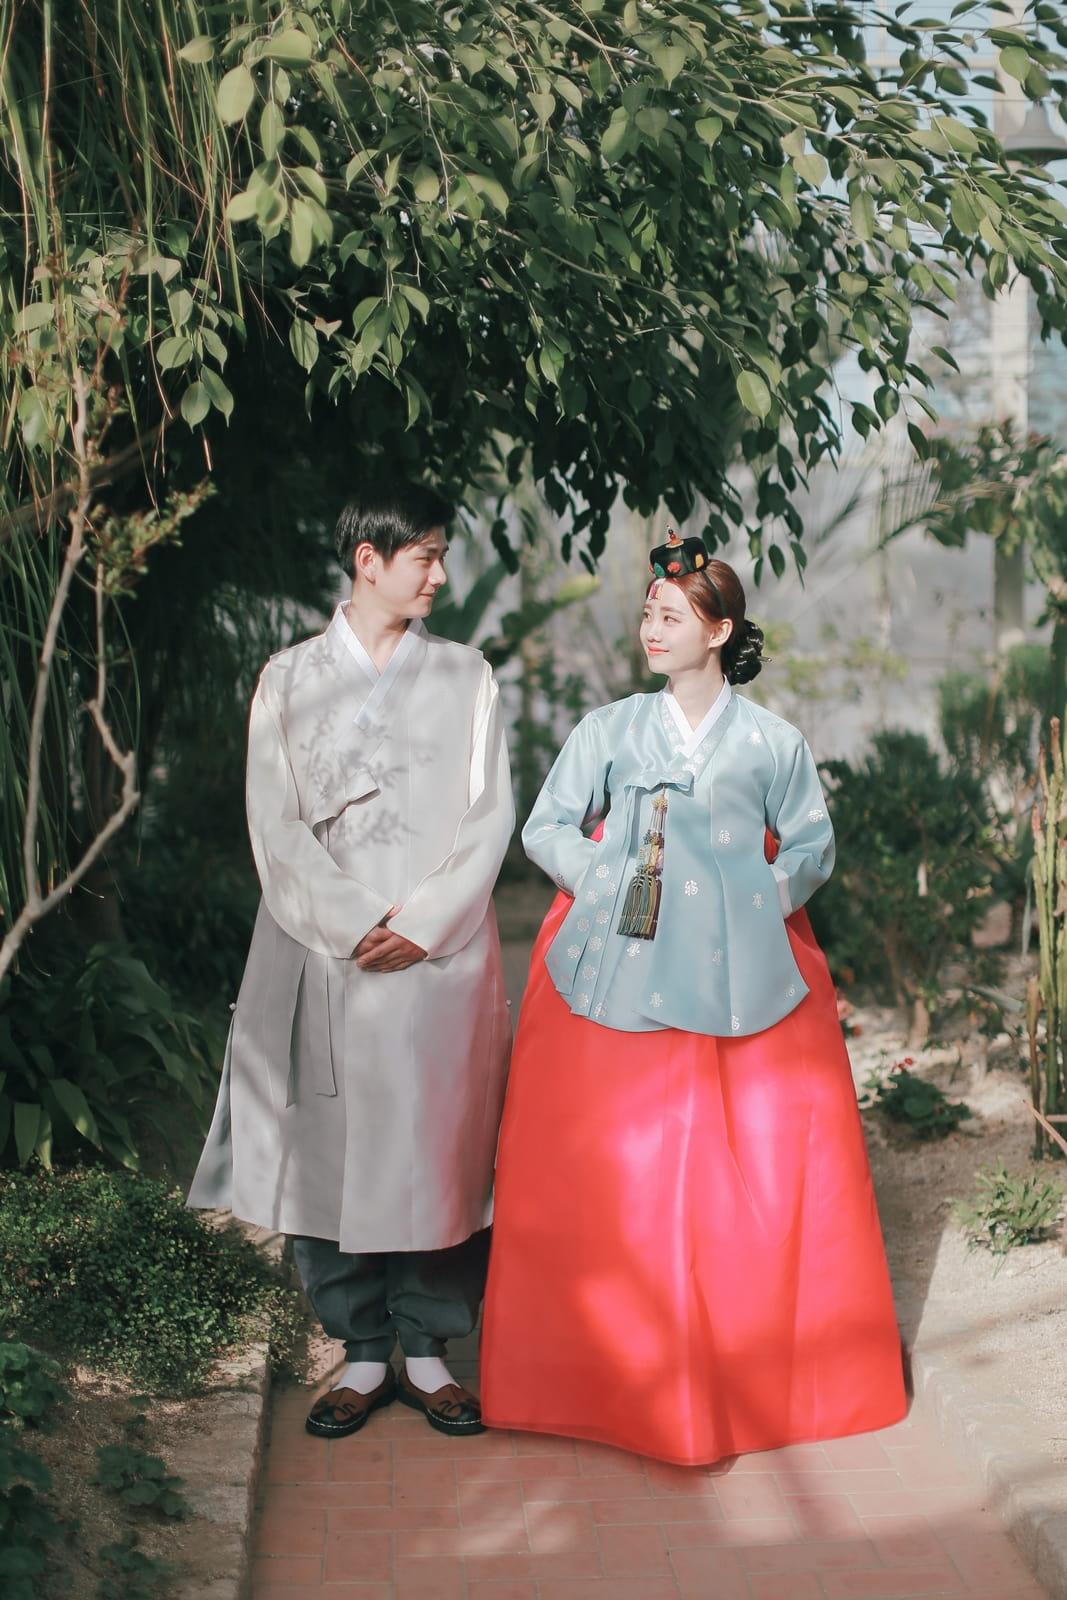 Ồn ào câu chuyện trang phục truyền thống của Hàn Quốc - 3